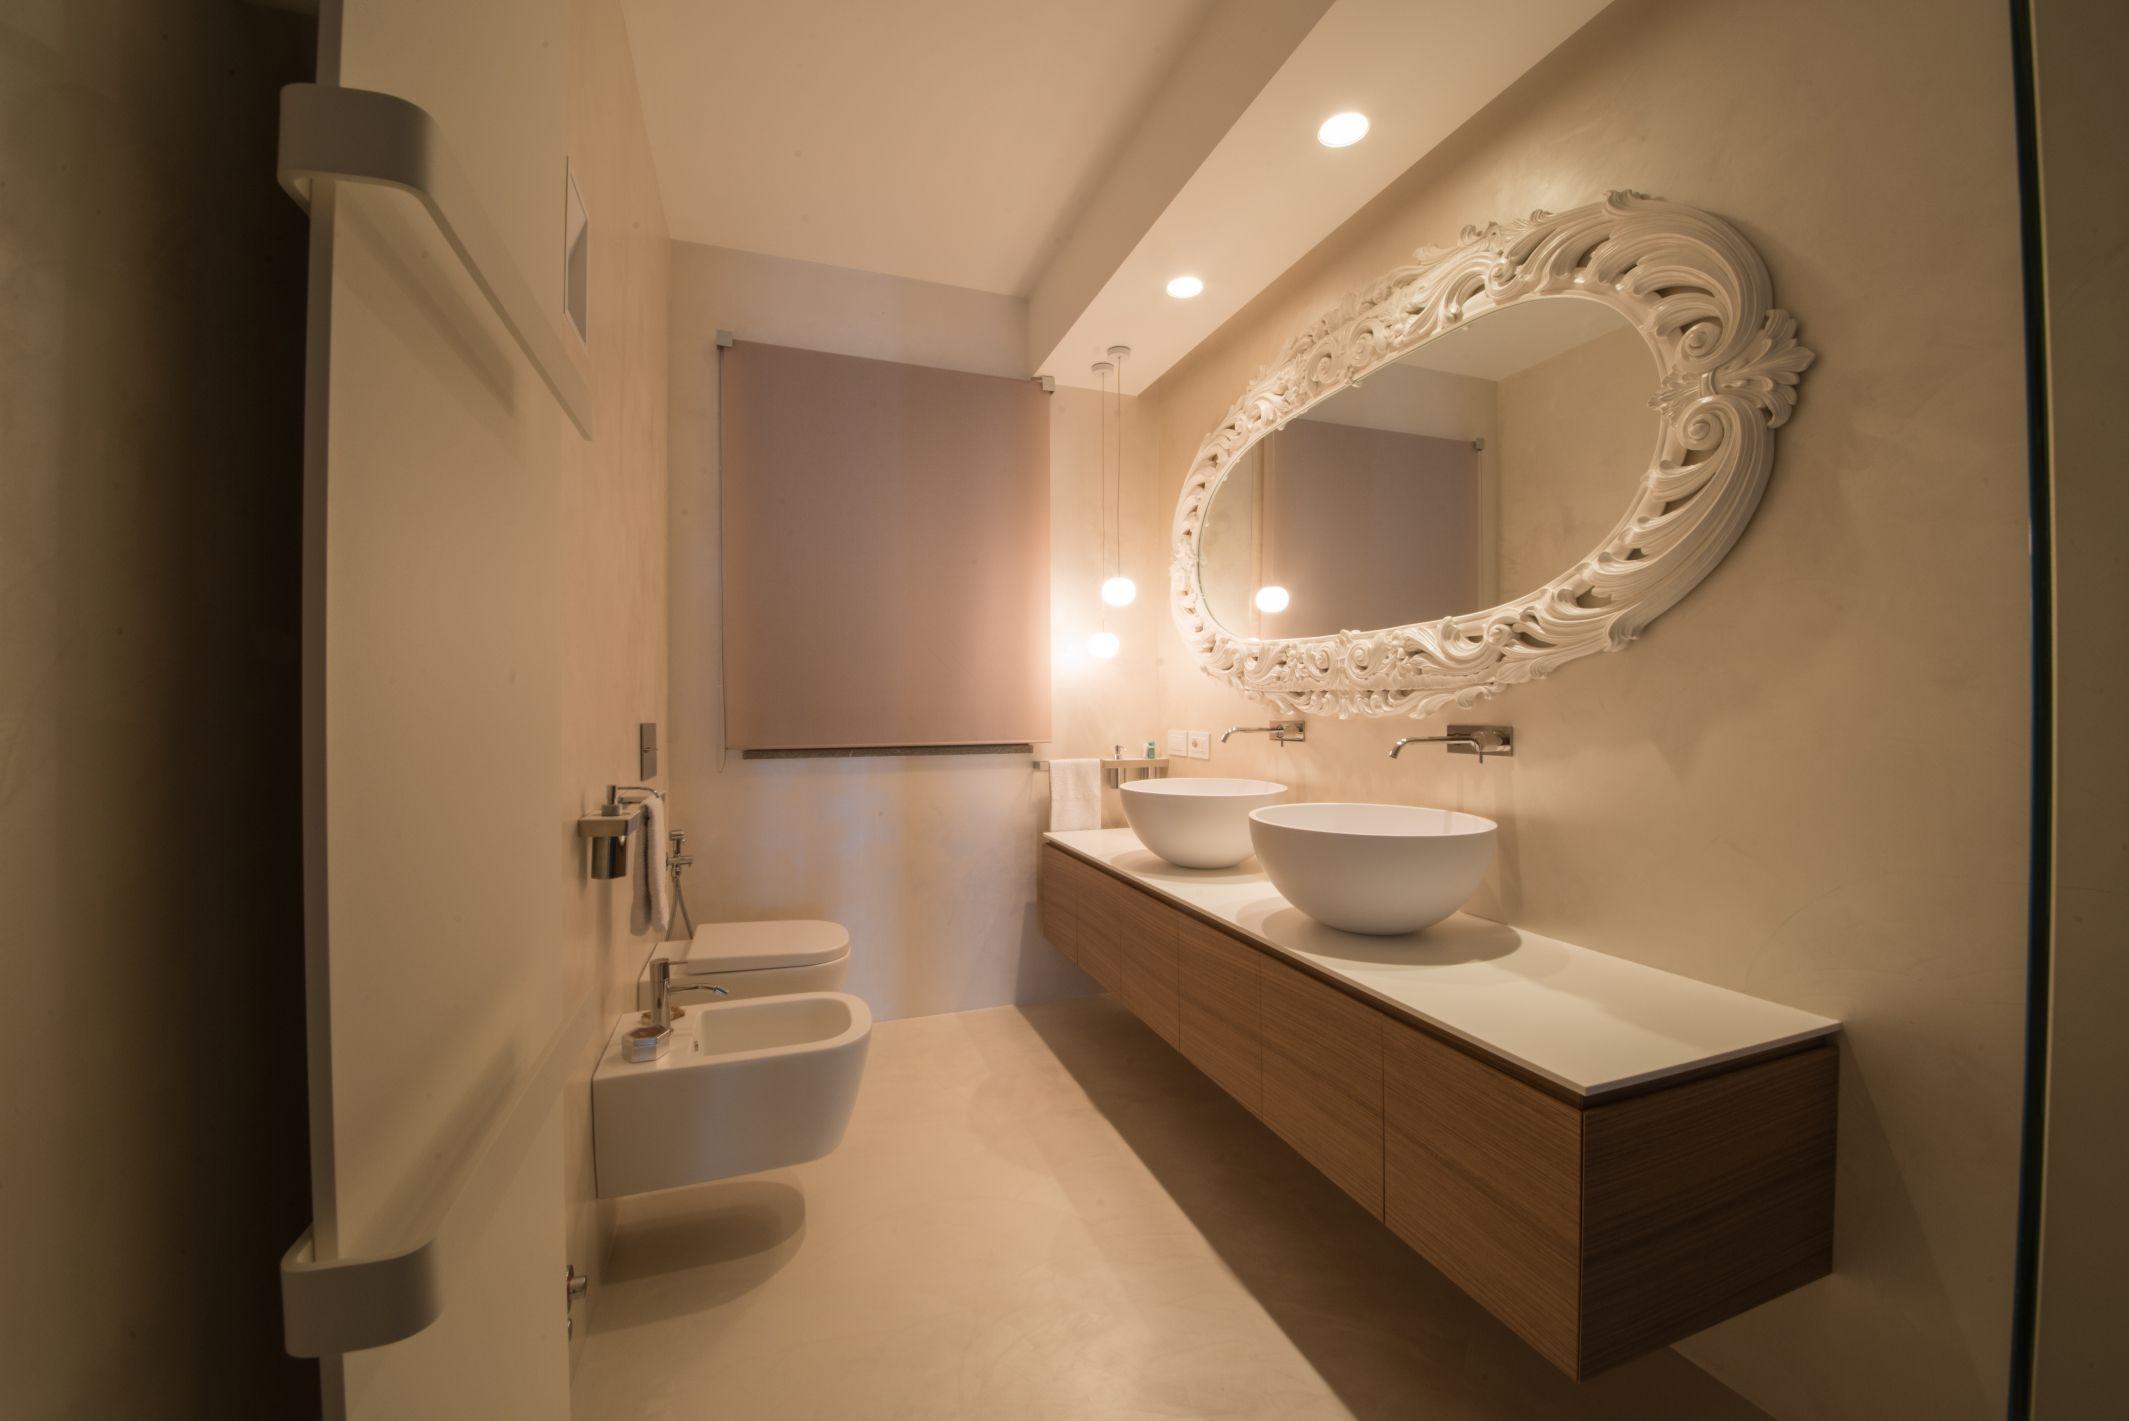 Bagni doppio arredamento mobili bagno sanitari marmo